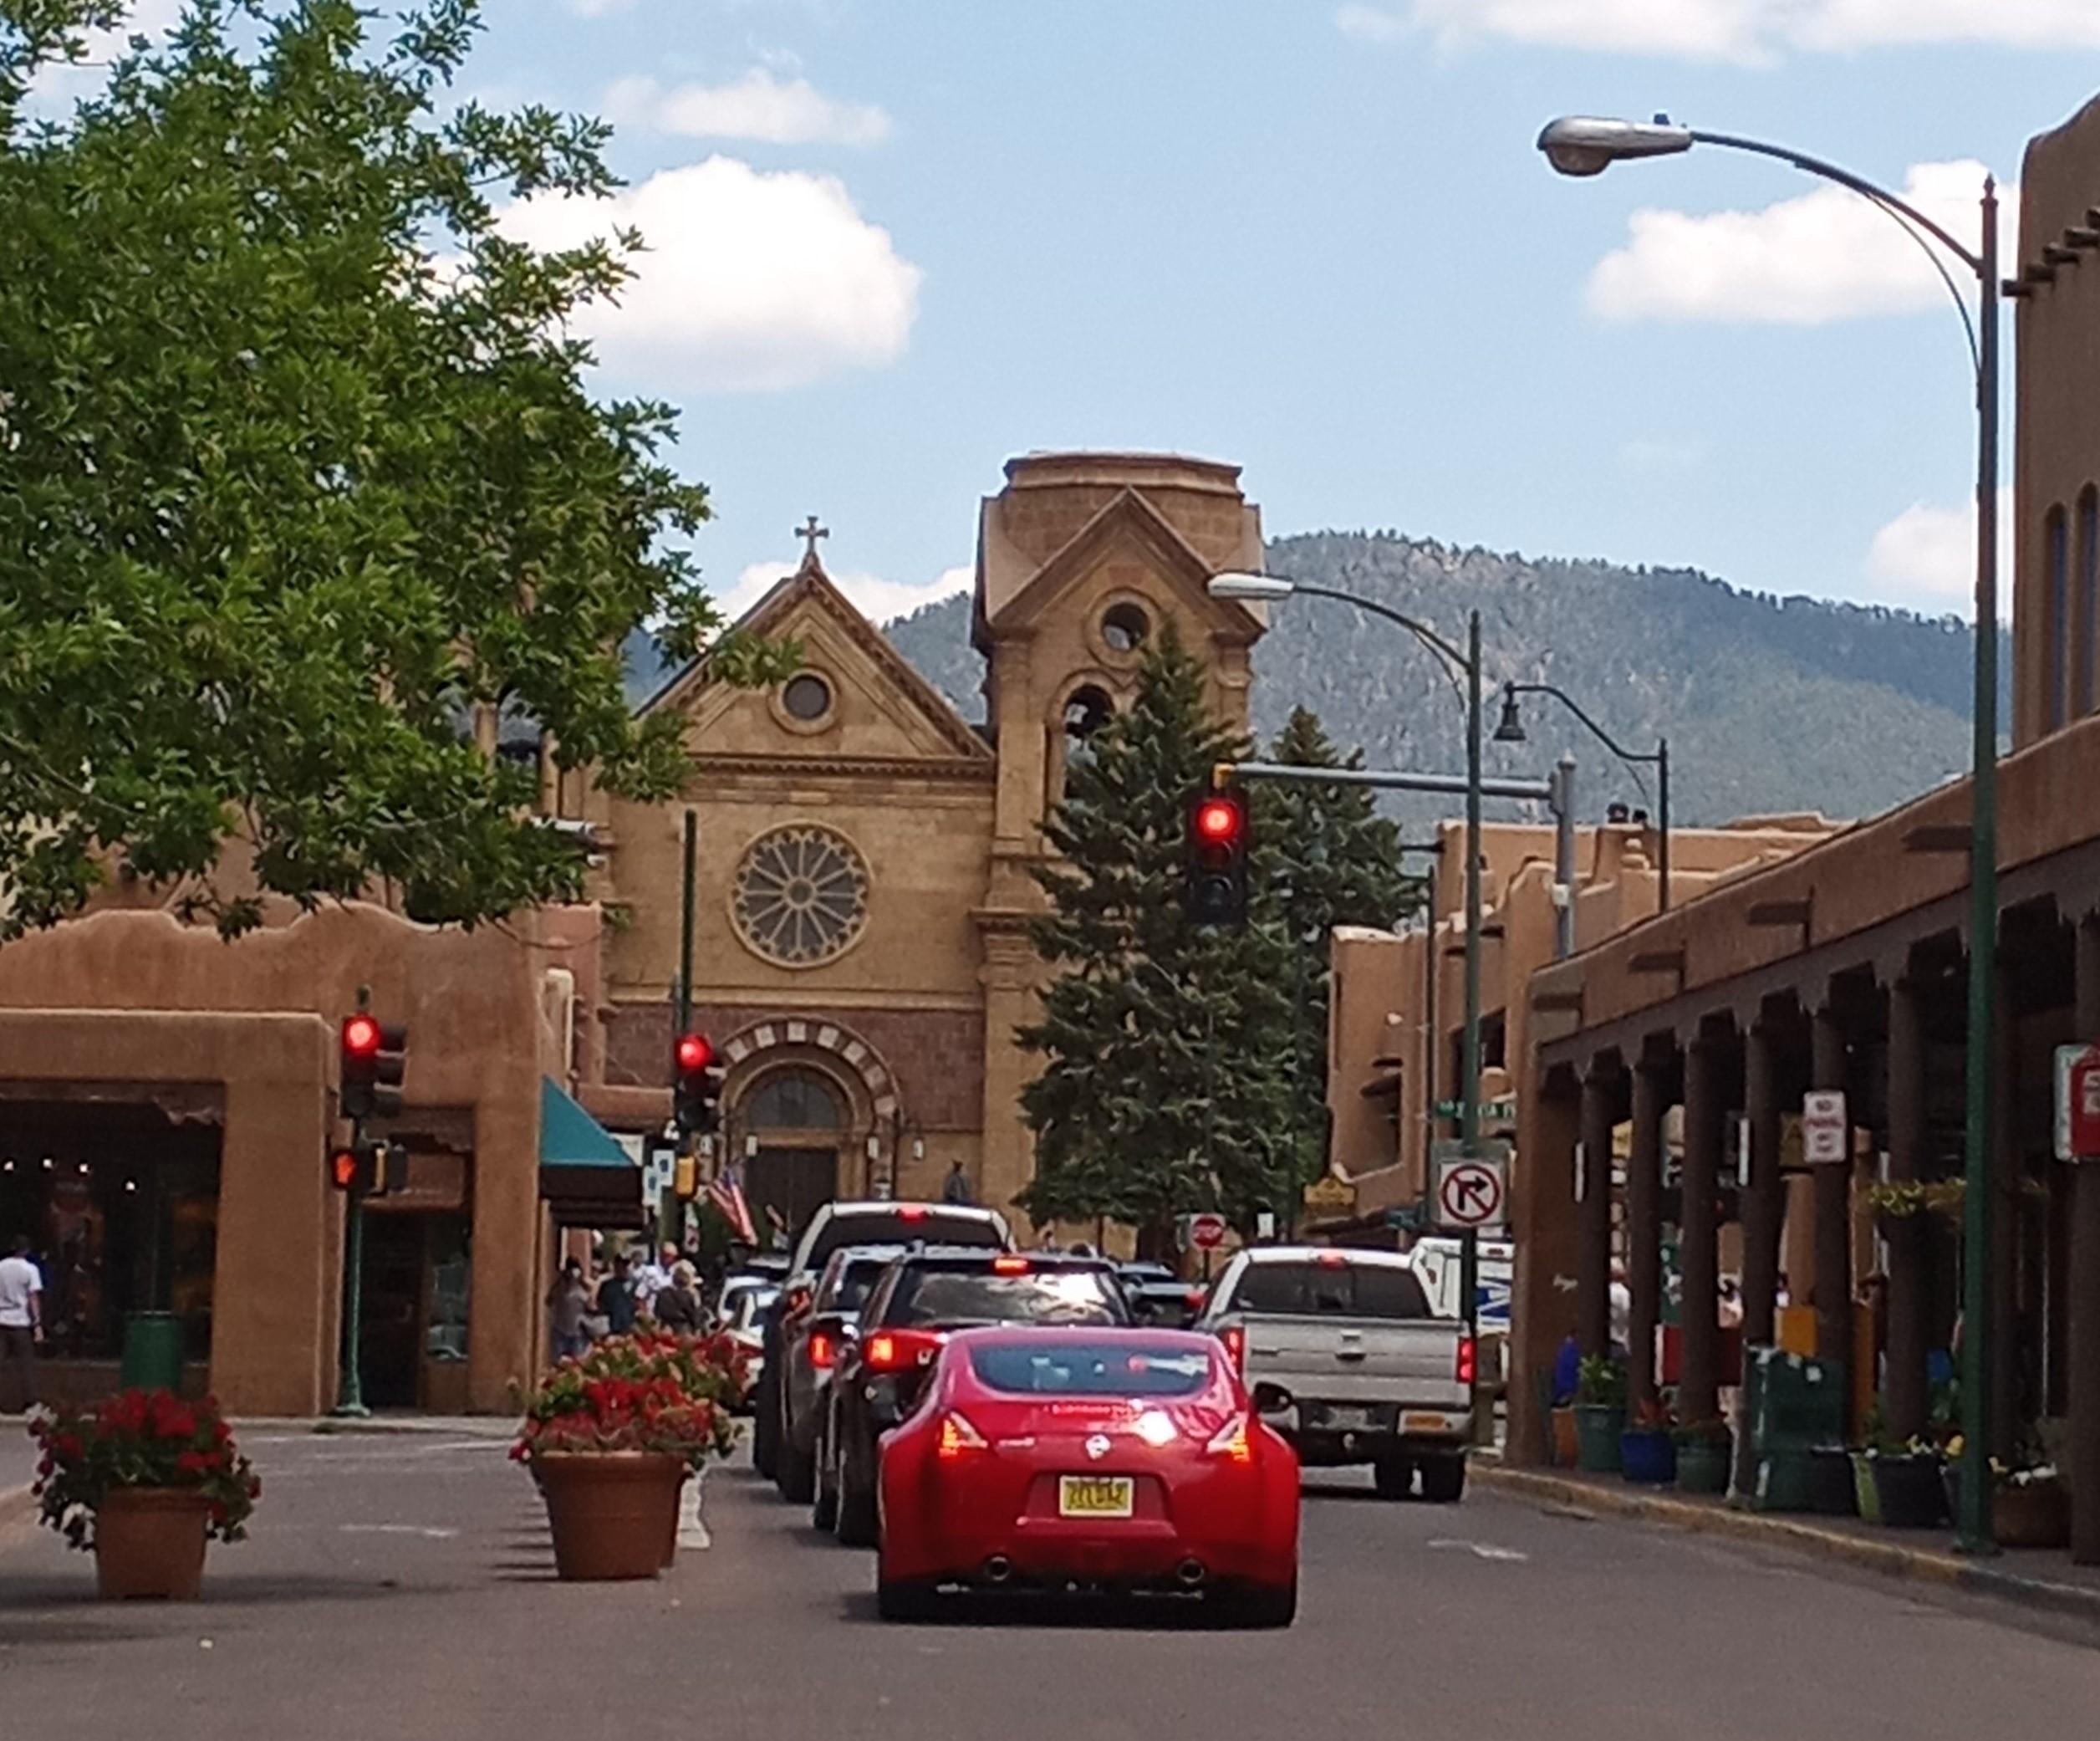 Road Trip to East Coast ~ Santa Fe, New Mexico ~